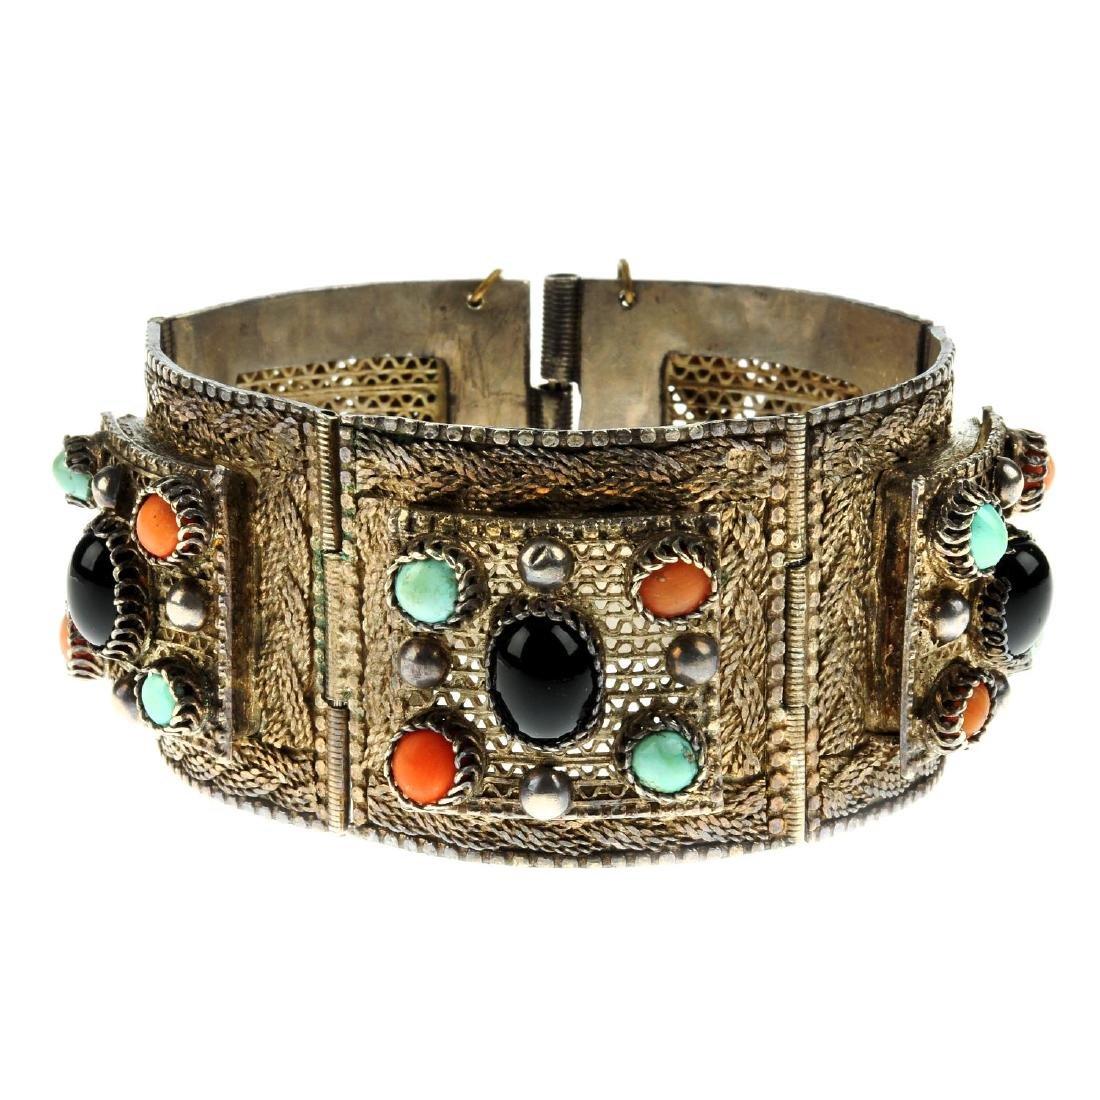 A gem bracelet and necklace. The bracelet comprising